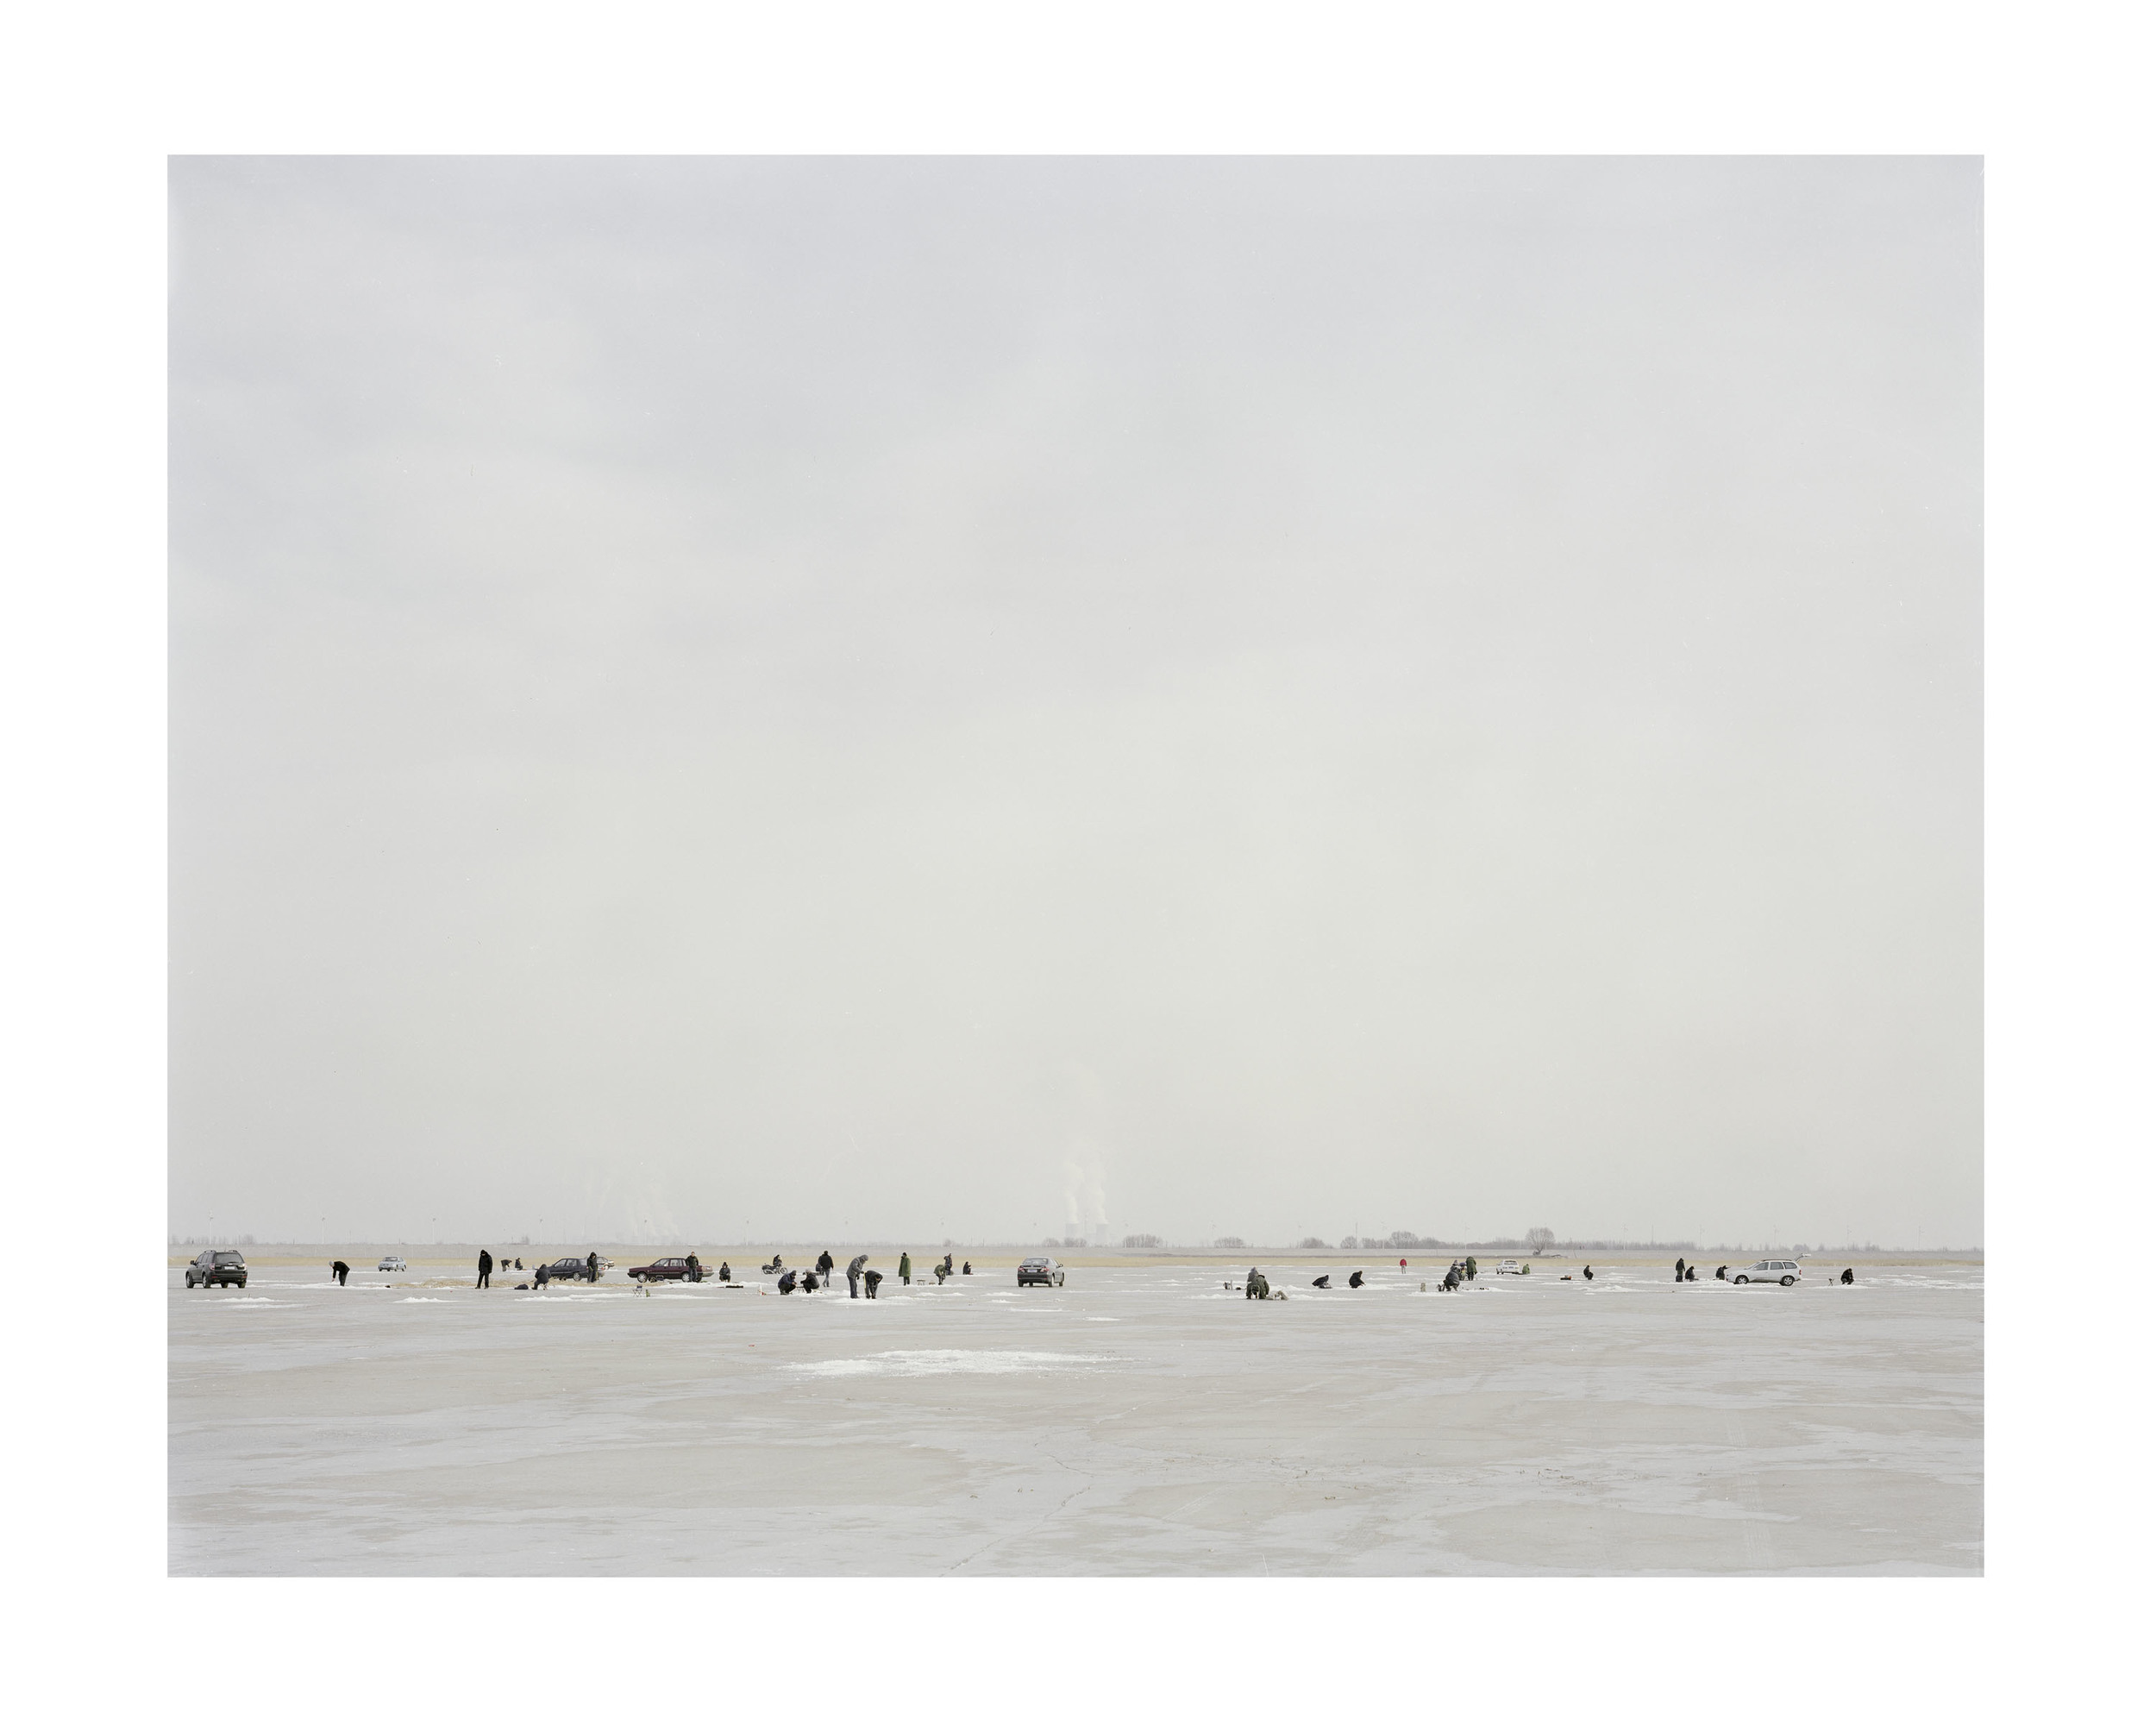 冬釣的人, 内蒙古, 2010            100 x 120   厘米/ 112x 138   厘米/ 140 x 168 厘米